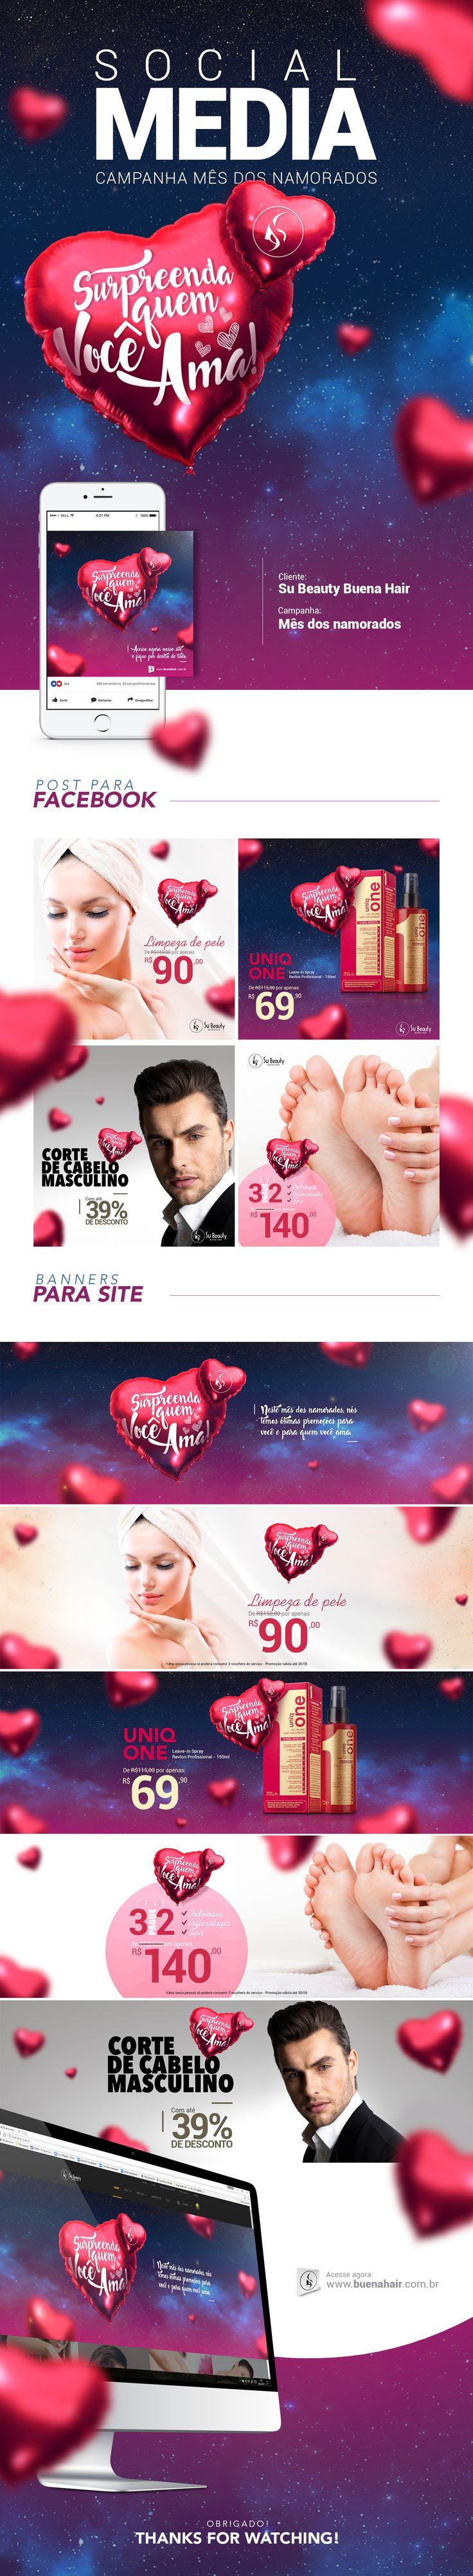 Rede Social Su Beauty Buena Hair - Mês dos namorados on Behance